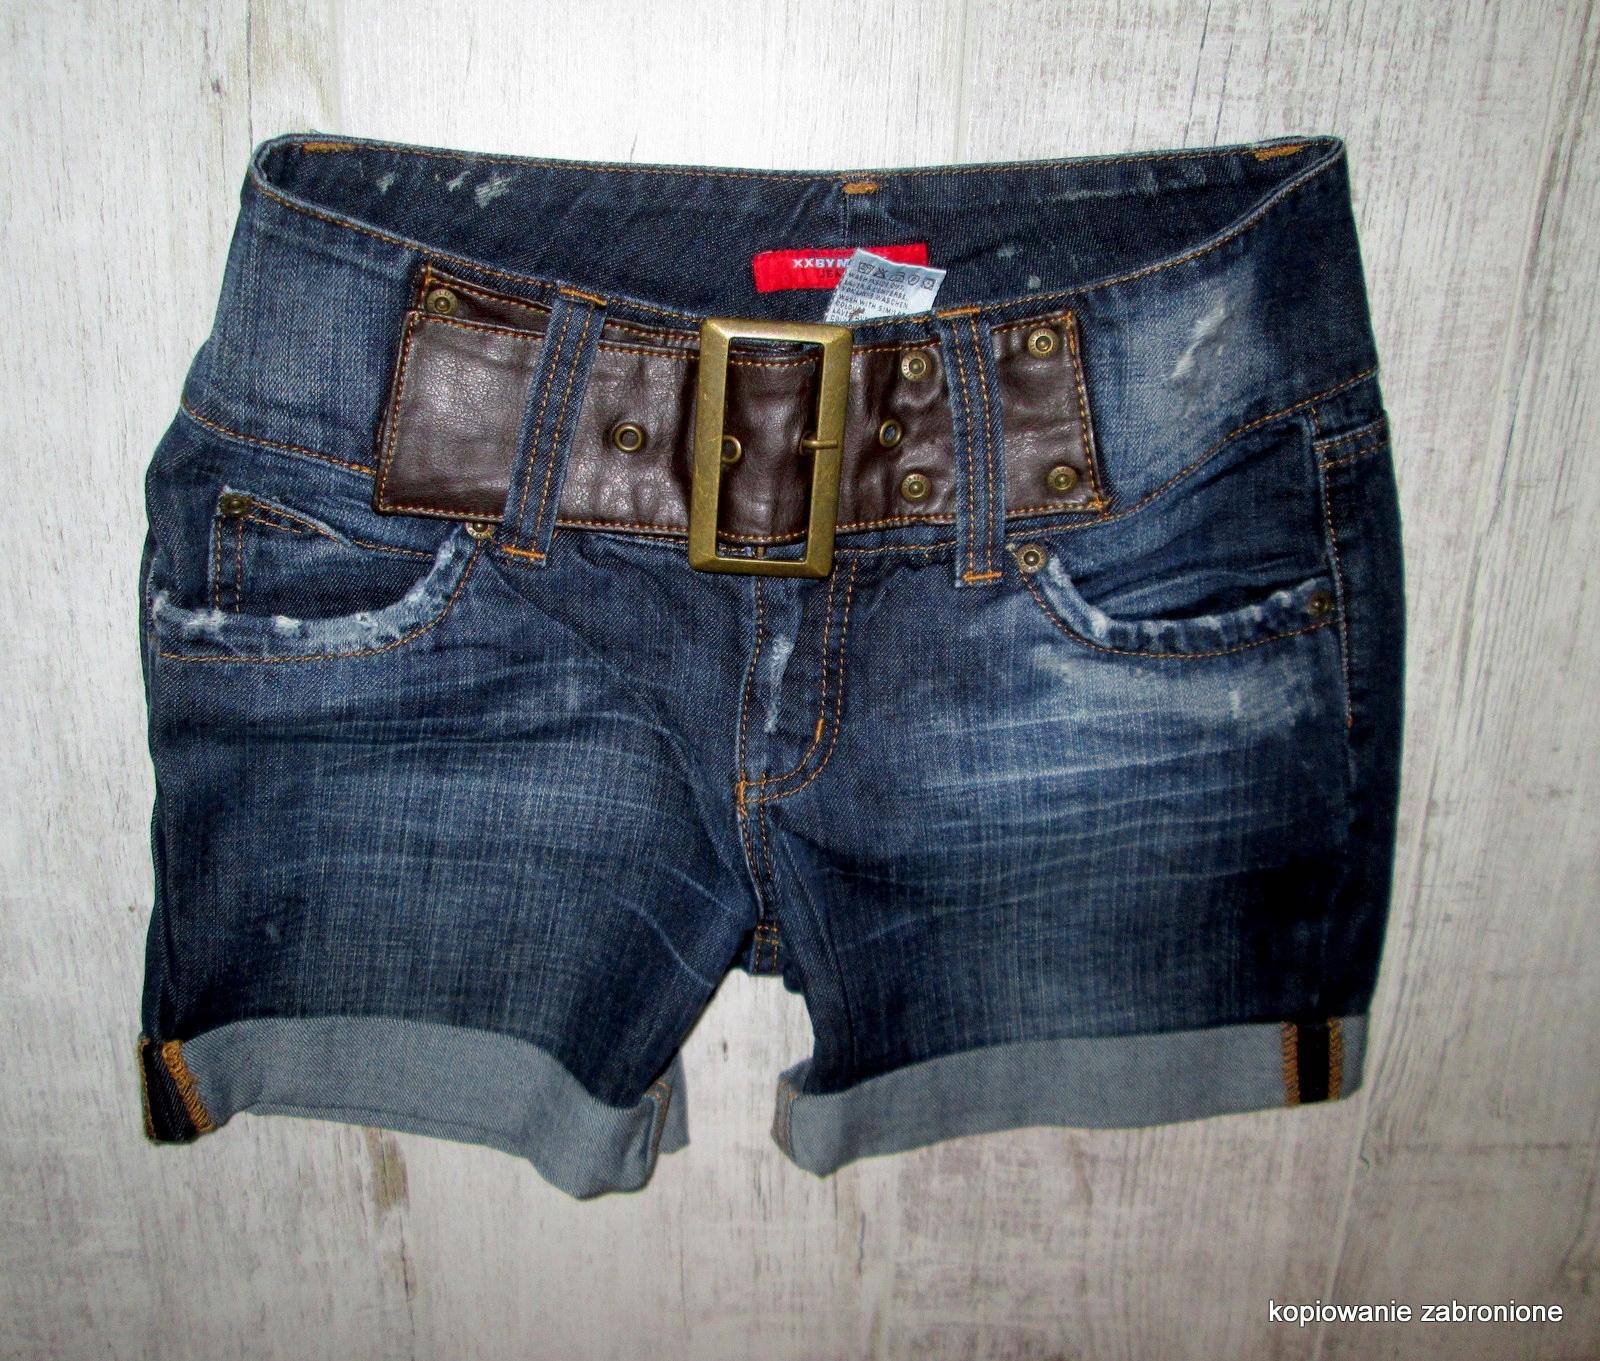 MEXX spodenki jeans dzinsowe szorty r. 28 36